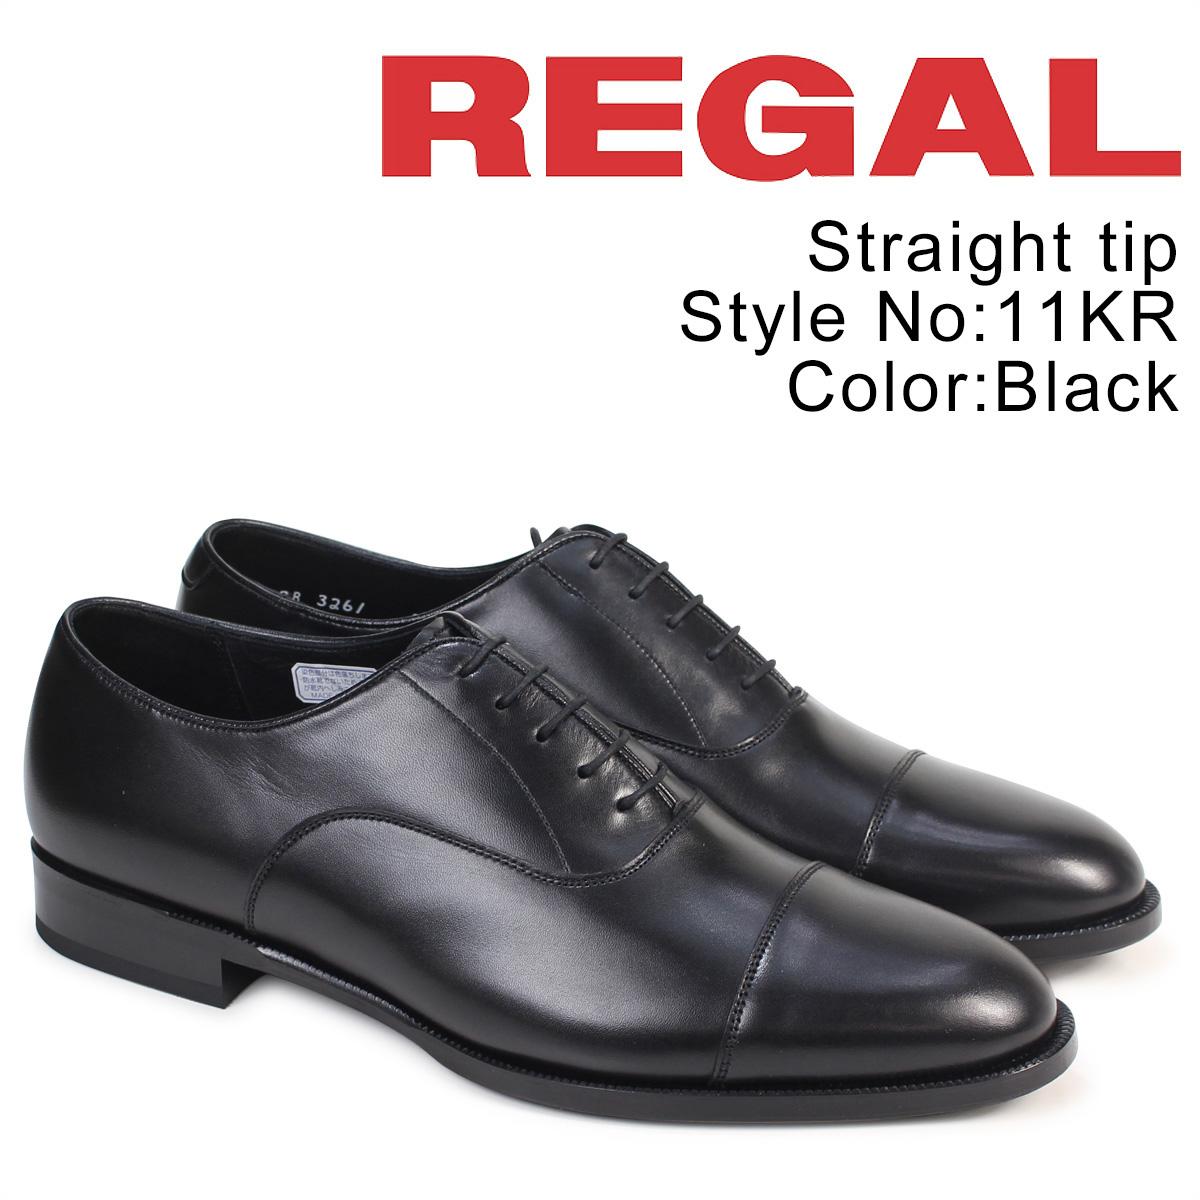 REGAL 靴 メンズ リーガル ストレートチップ 11KRBD ビジネスシューズ 日本製 ブラック 黒